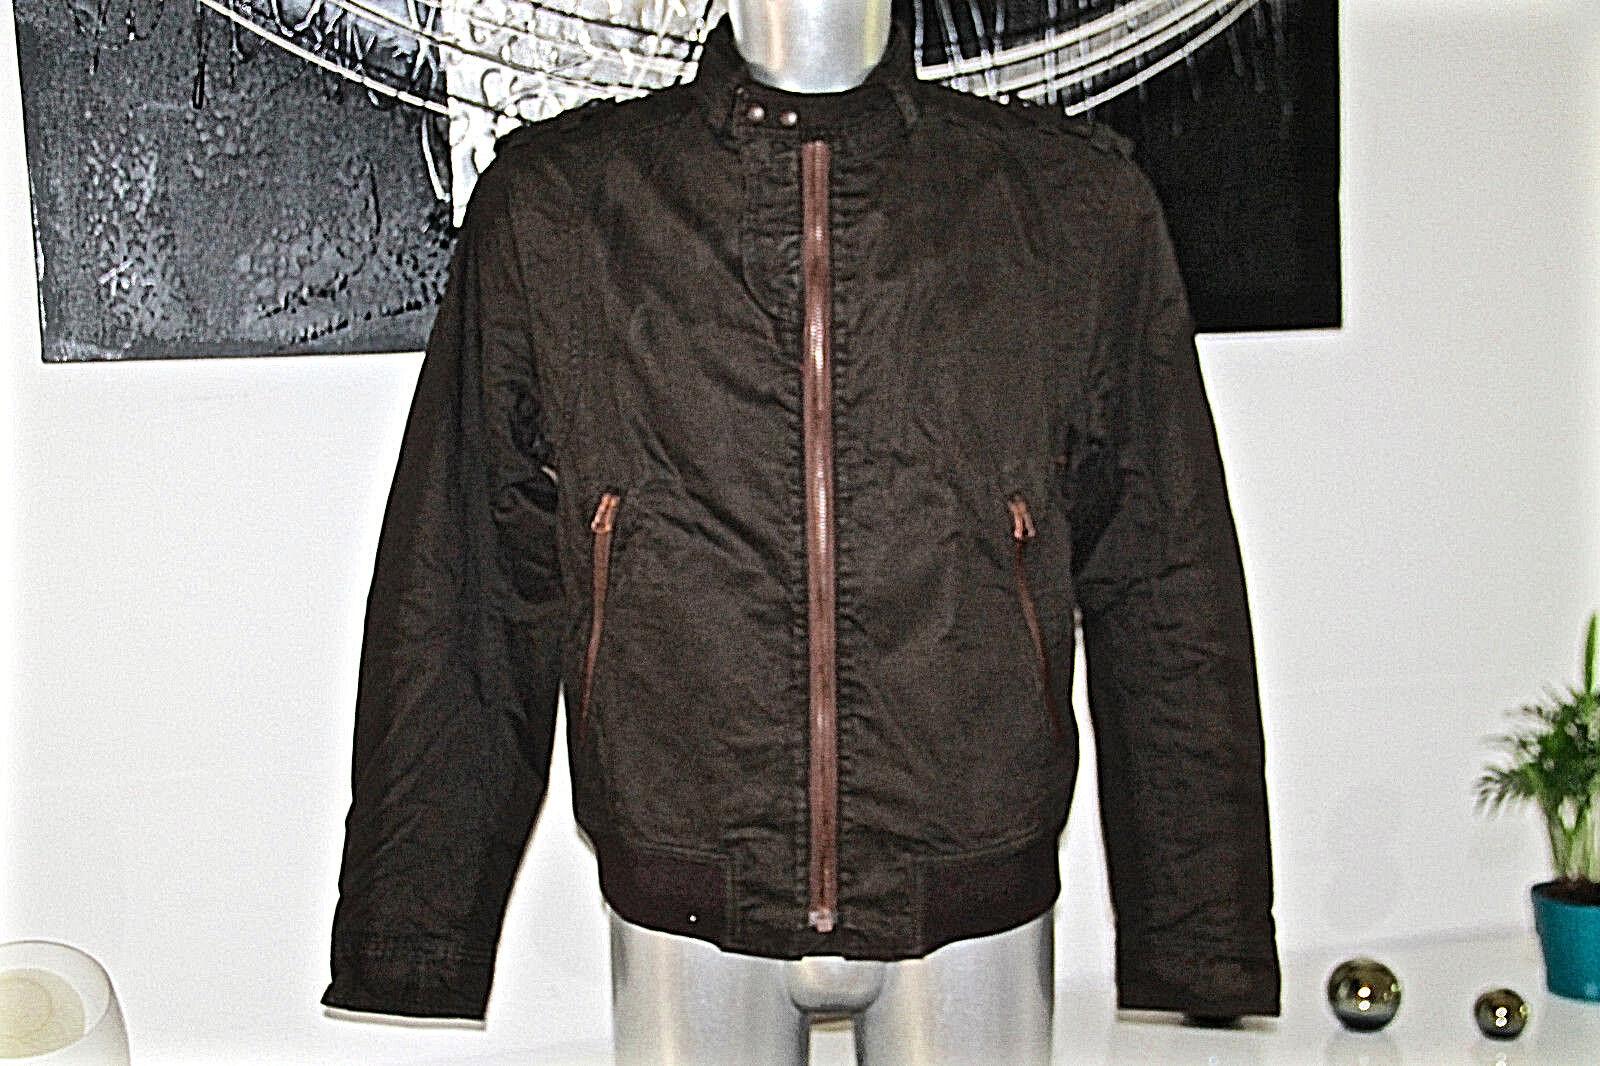 HUGO BOSS oswald veste blouson militaire chocolat taille 50 (L) excellent état